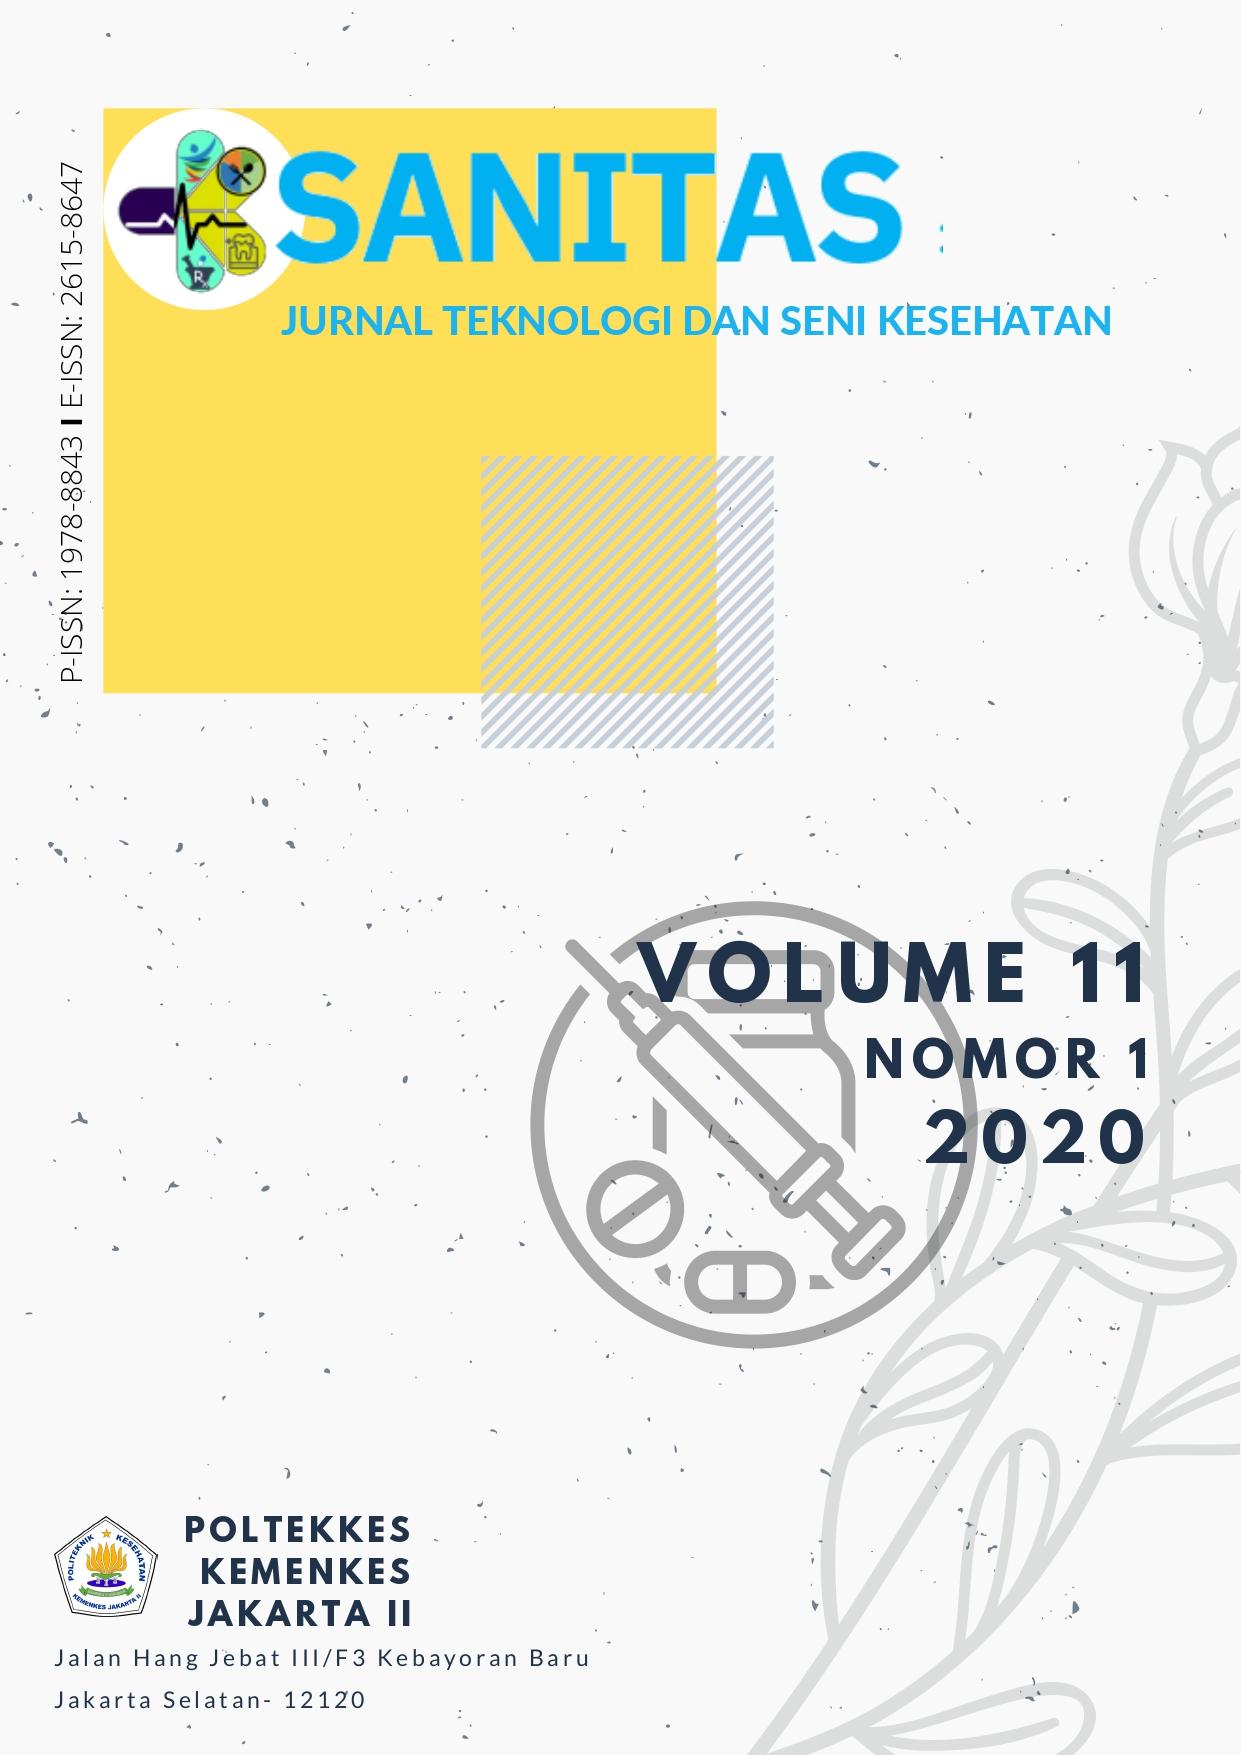 sanitas vol 11 (1), 2020